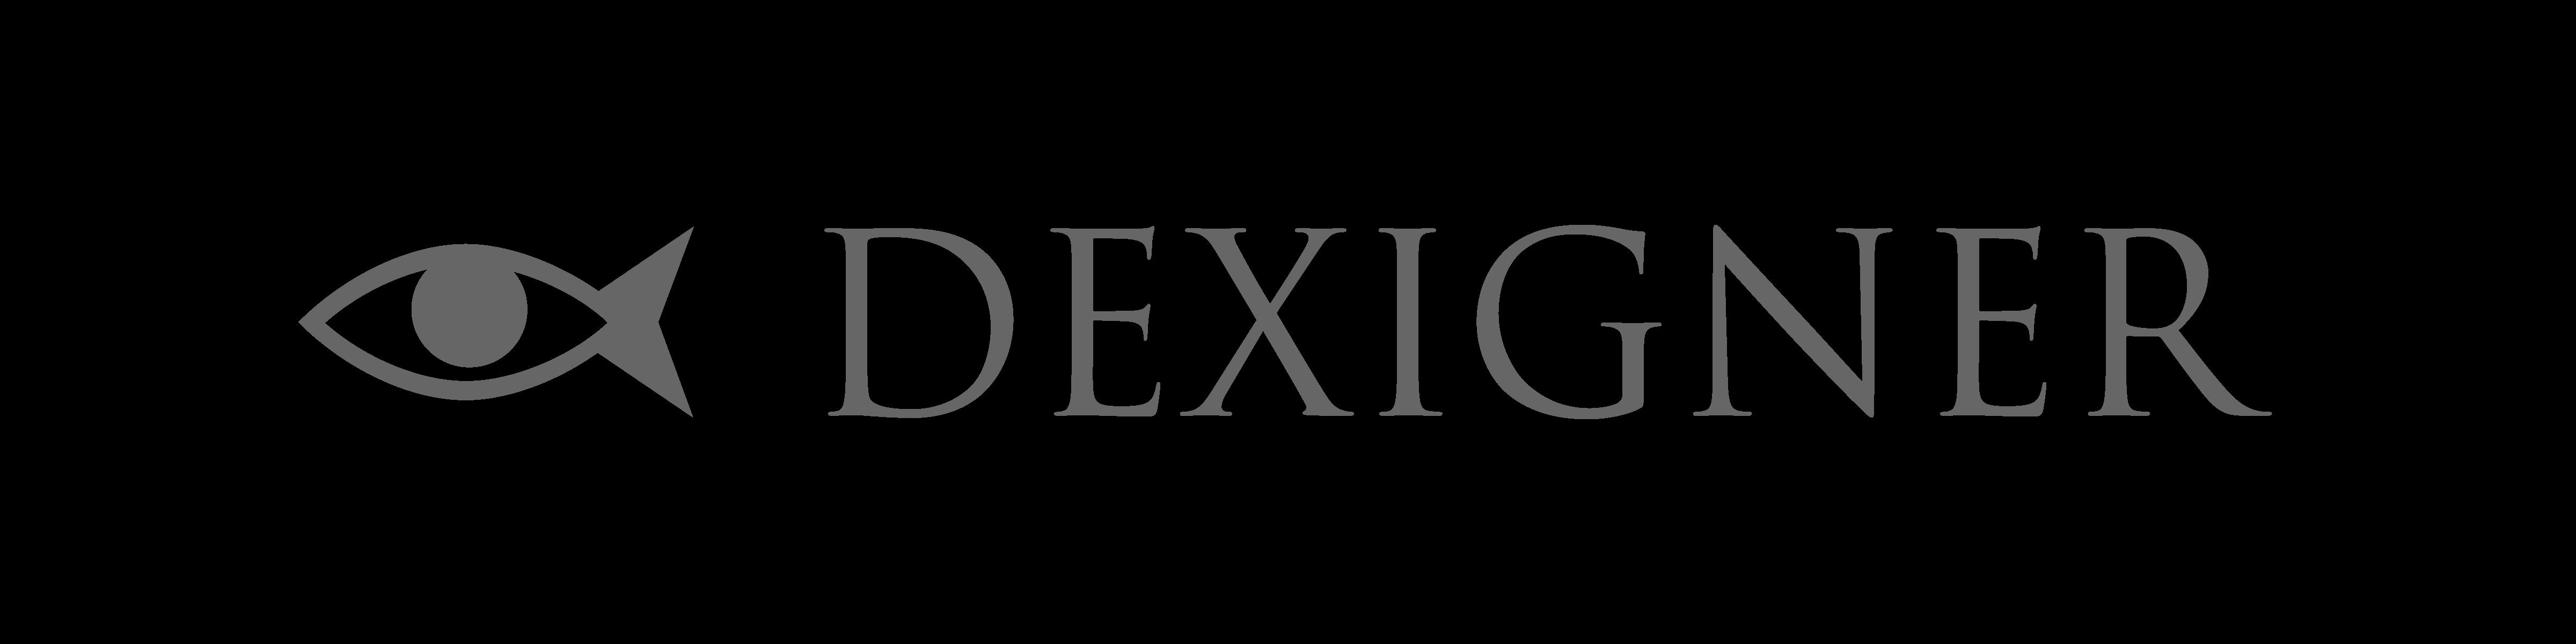 ide-arch on Dexigner.com